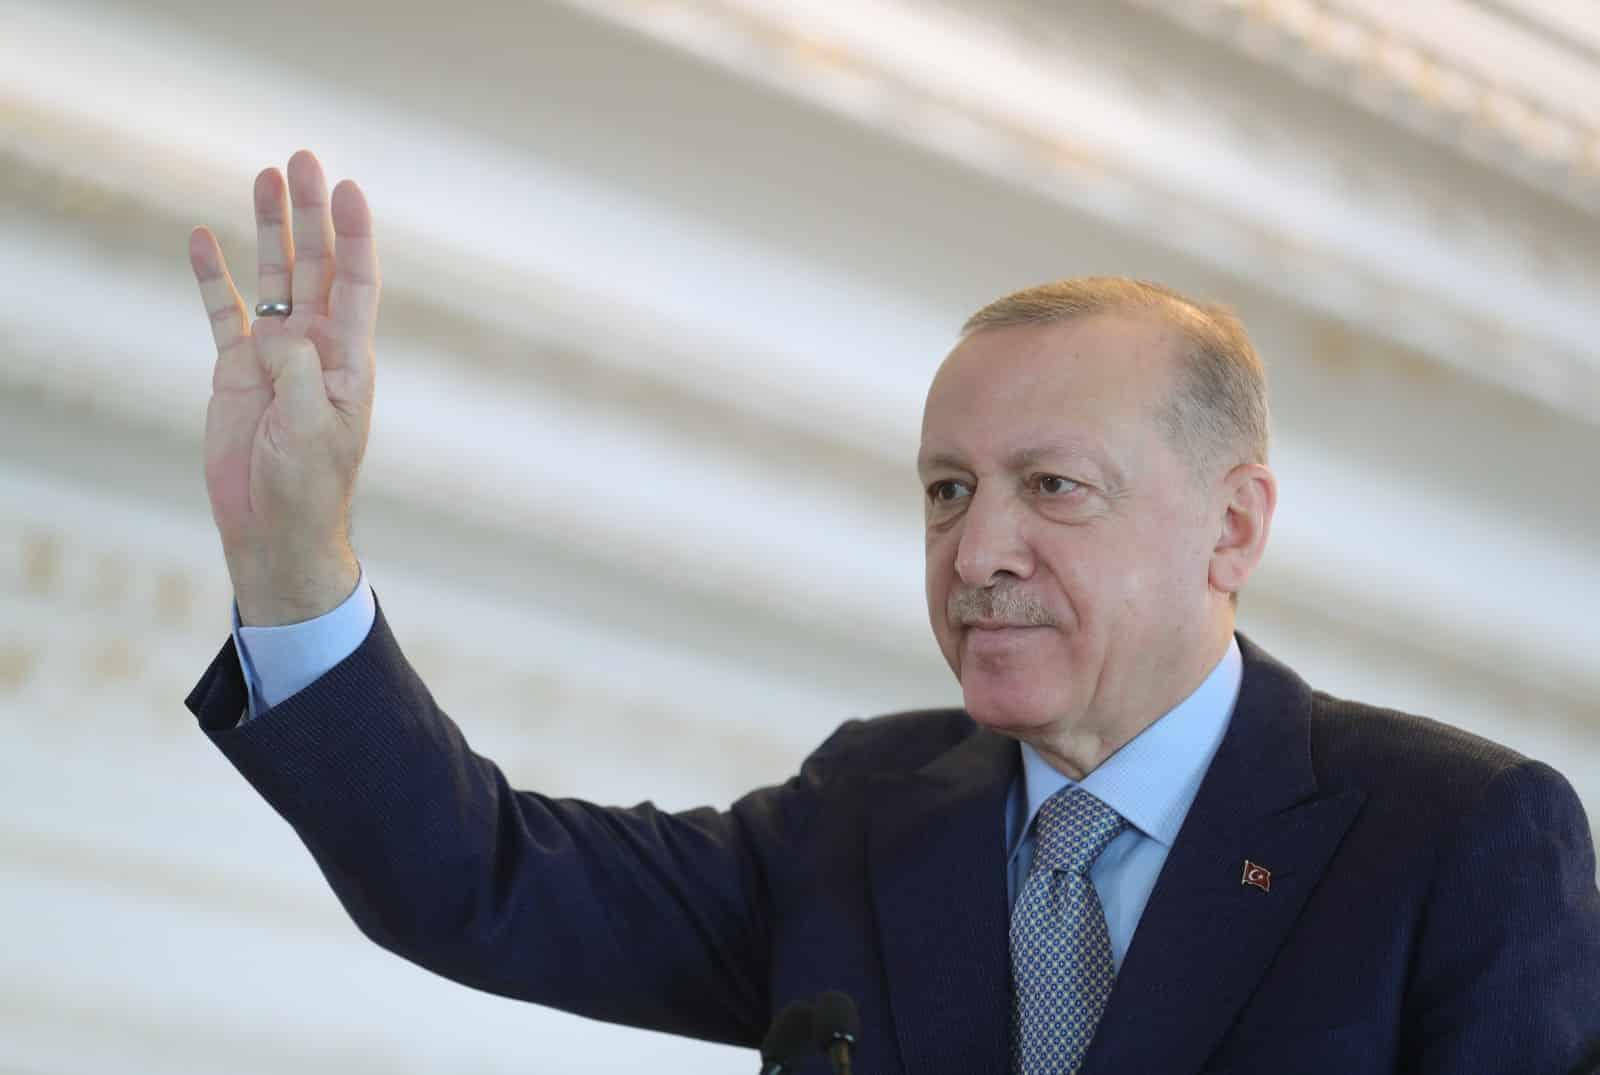 Κύπρος: Στα κατεχόμενα αύριο Δευτέρα 19 Ιουλίου ο Ερντογάν - Τα τουρκικά ΜΜΕ δημοσιεύουν το πρόγραμμά του Πλακούδας: Οι Τούρκοι ναύαρχοι έθεσαν το δίλημμα «Ερντογάν ή Τανκς» Ελεύθεροι οι 10 ναύαρχοι που επέκριναν τον Ερντογάν - Έστησαν παιχνίδι;